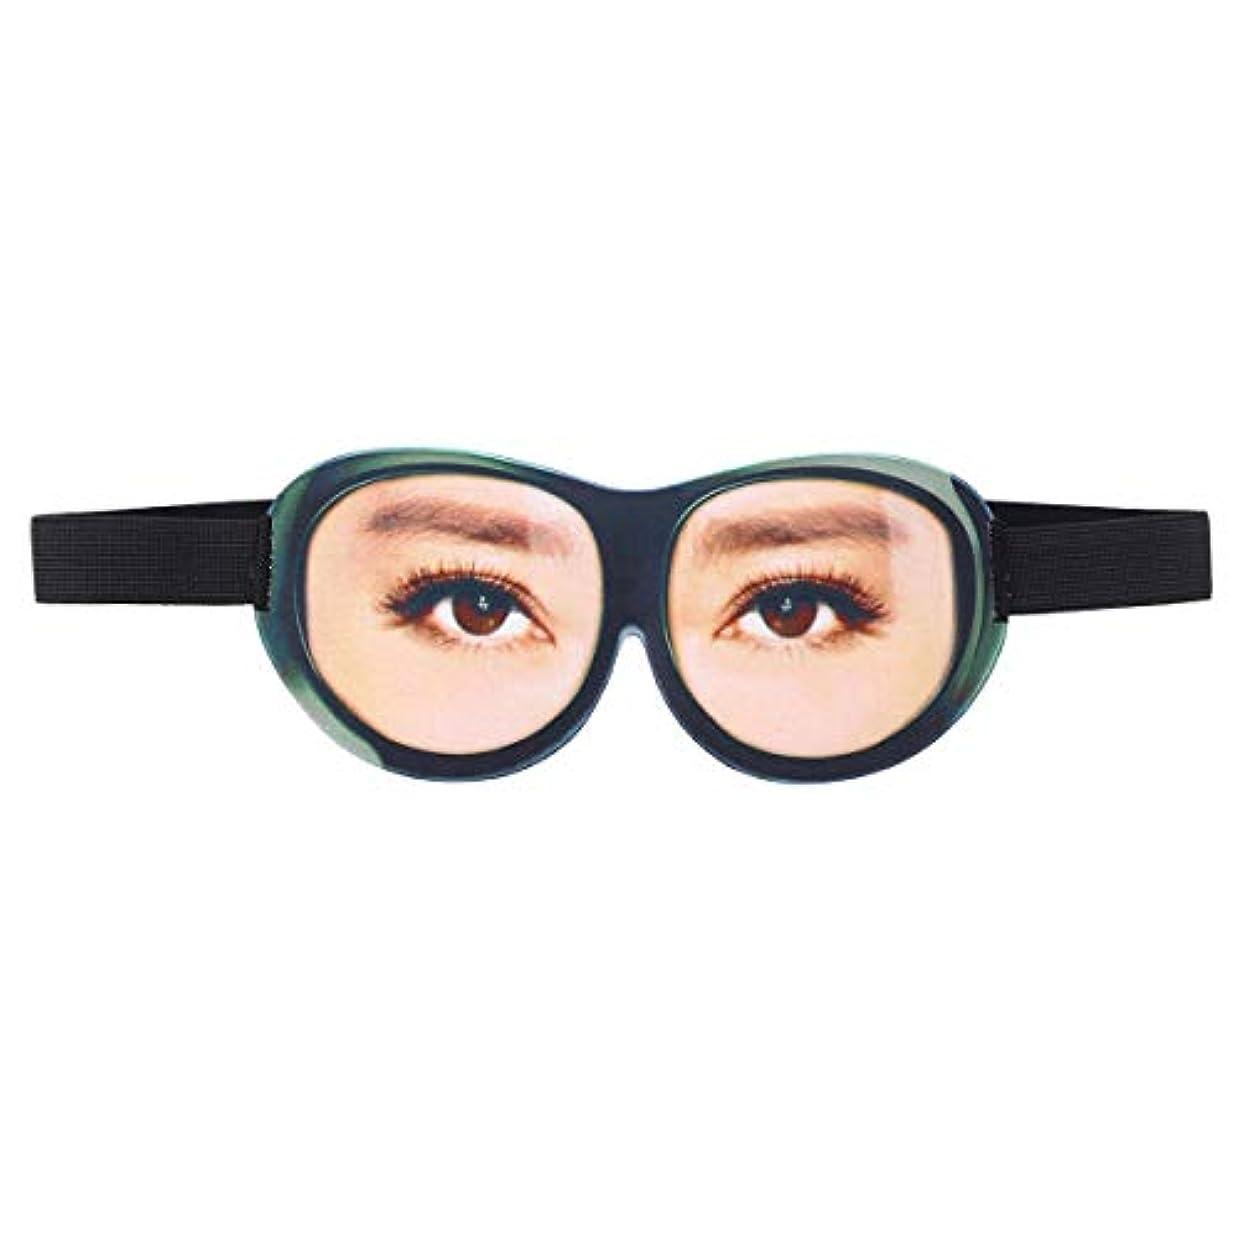 かまど火薬減るHealifty 睡眠目隠し3D面白いアイシェード通気性睡眠マスク旅行睡眠ヘルパーアイシェード用男性と女性